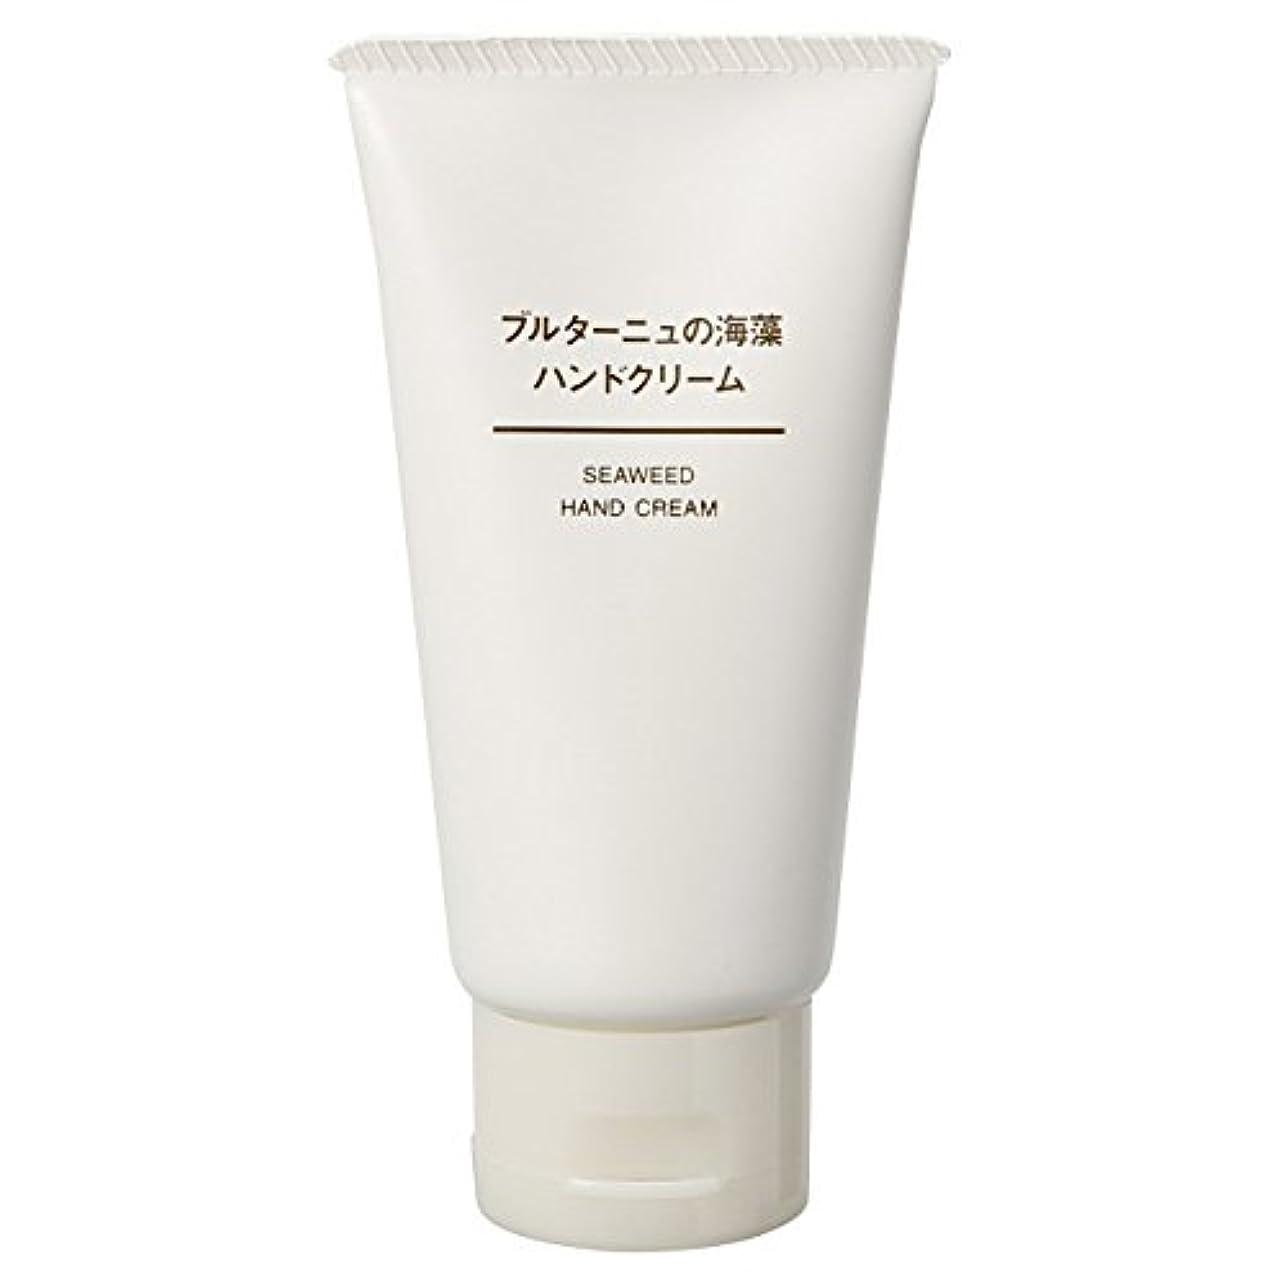 然としたグリットポール無印良品 ブルターニュの海藻 ハンドクリーム 50g 日本製